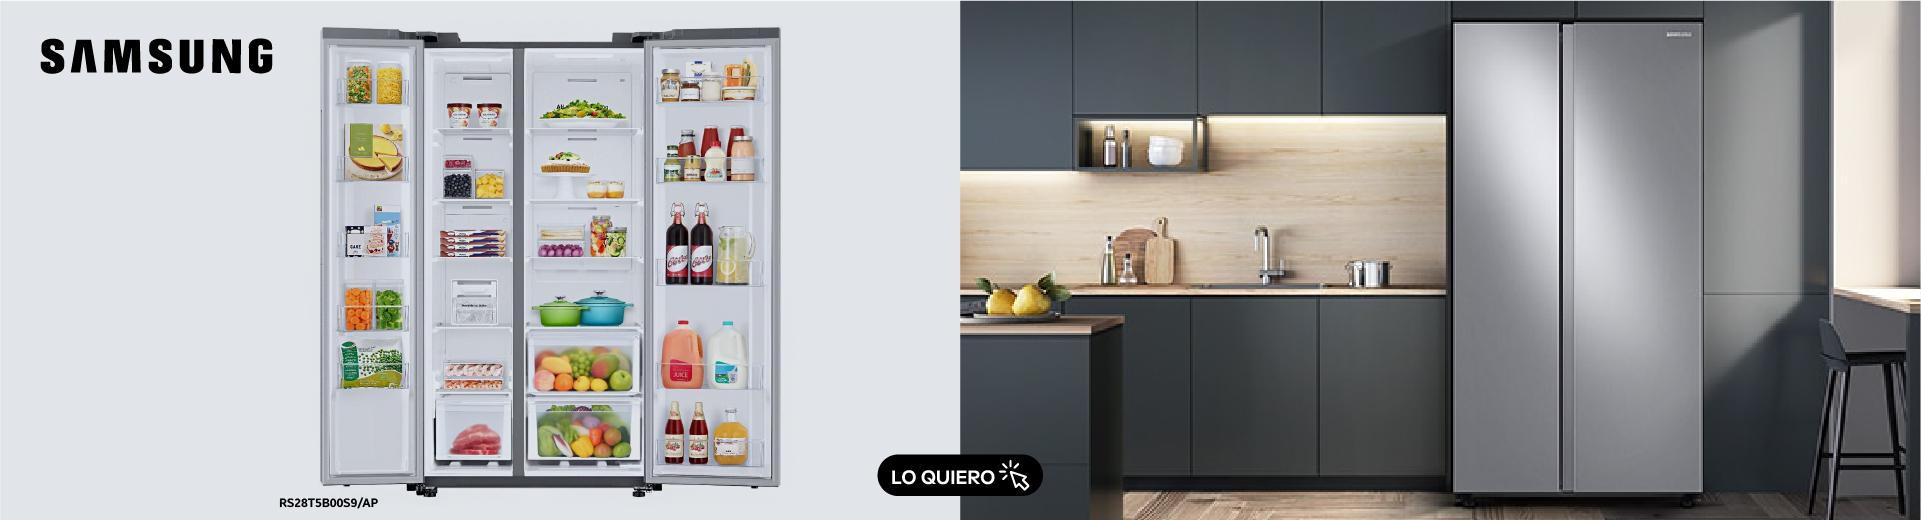 Samsung Refrigerador